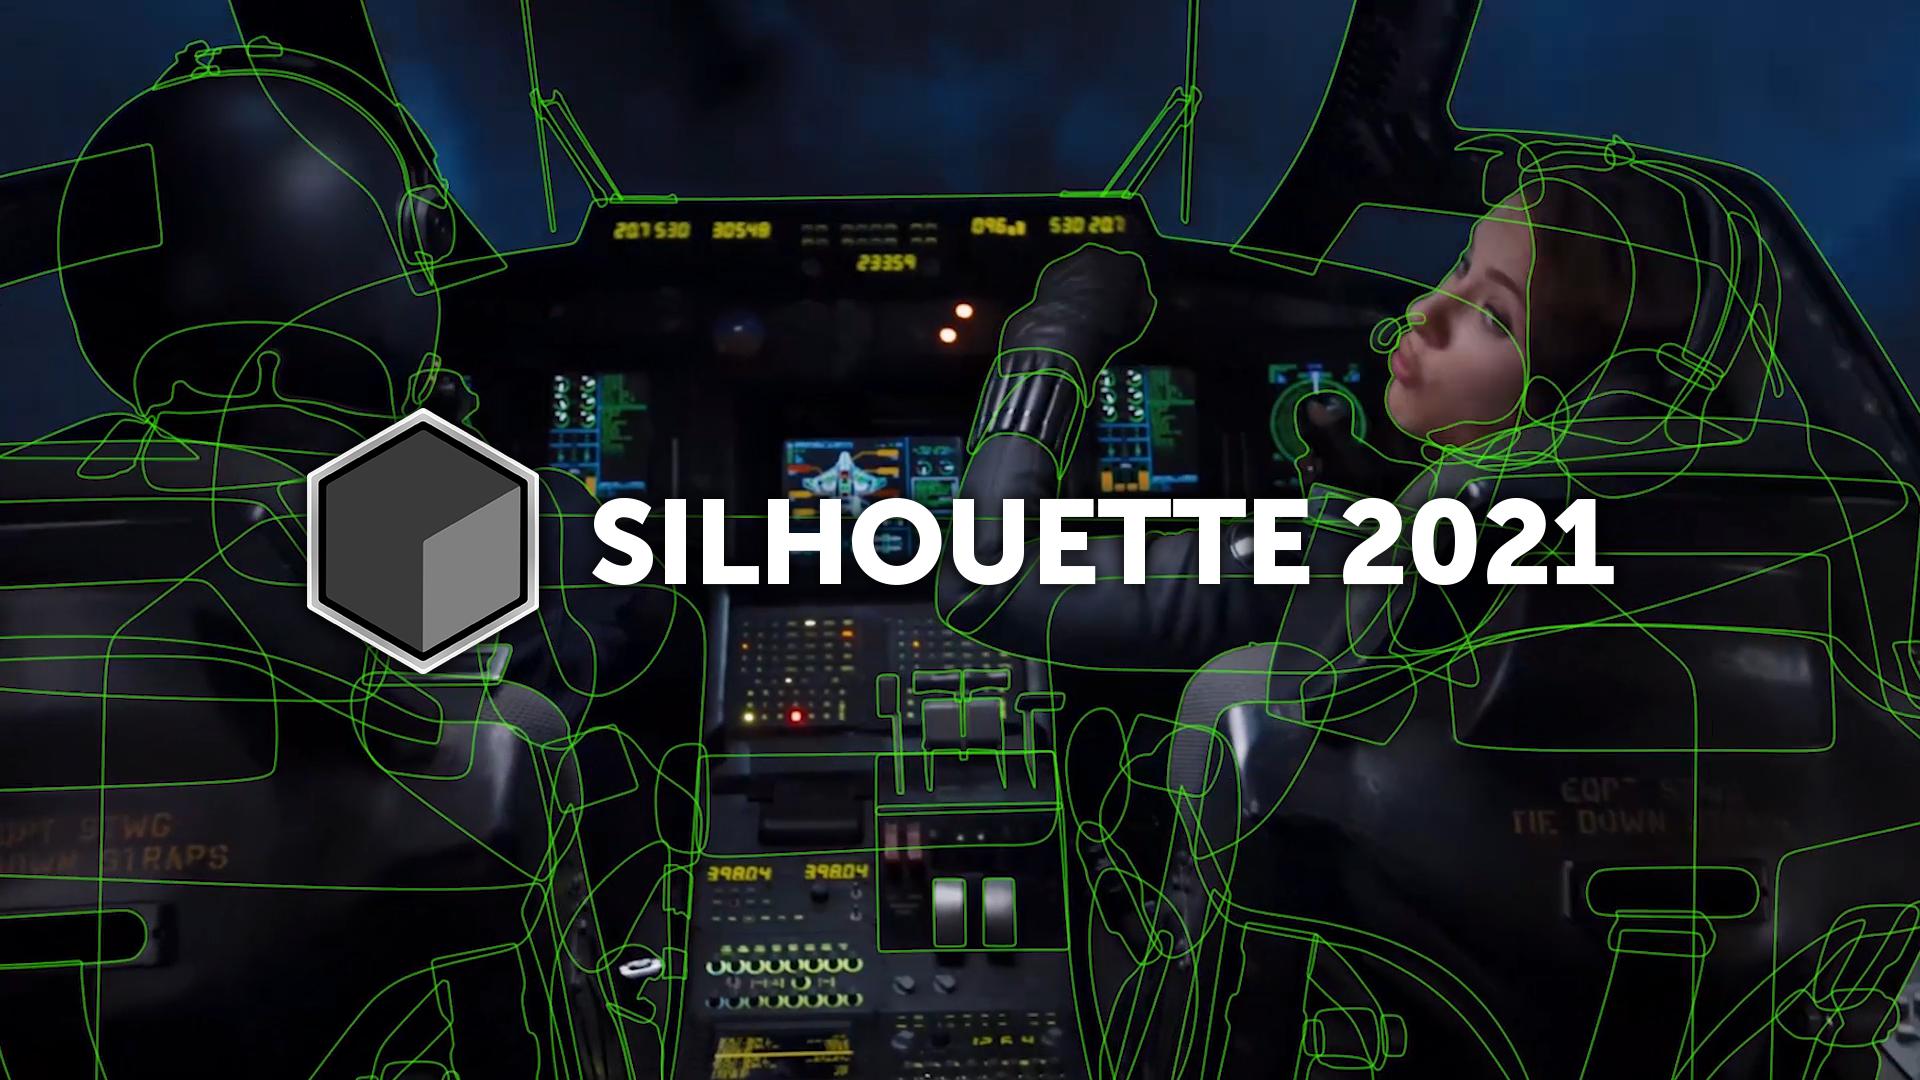 Silhouette 2021 hero image